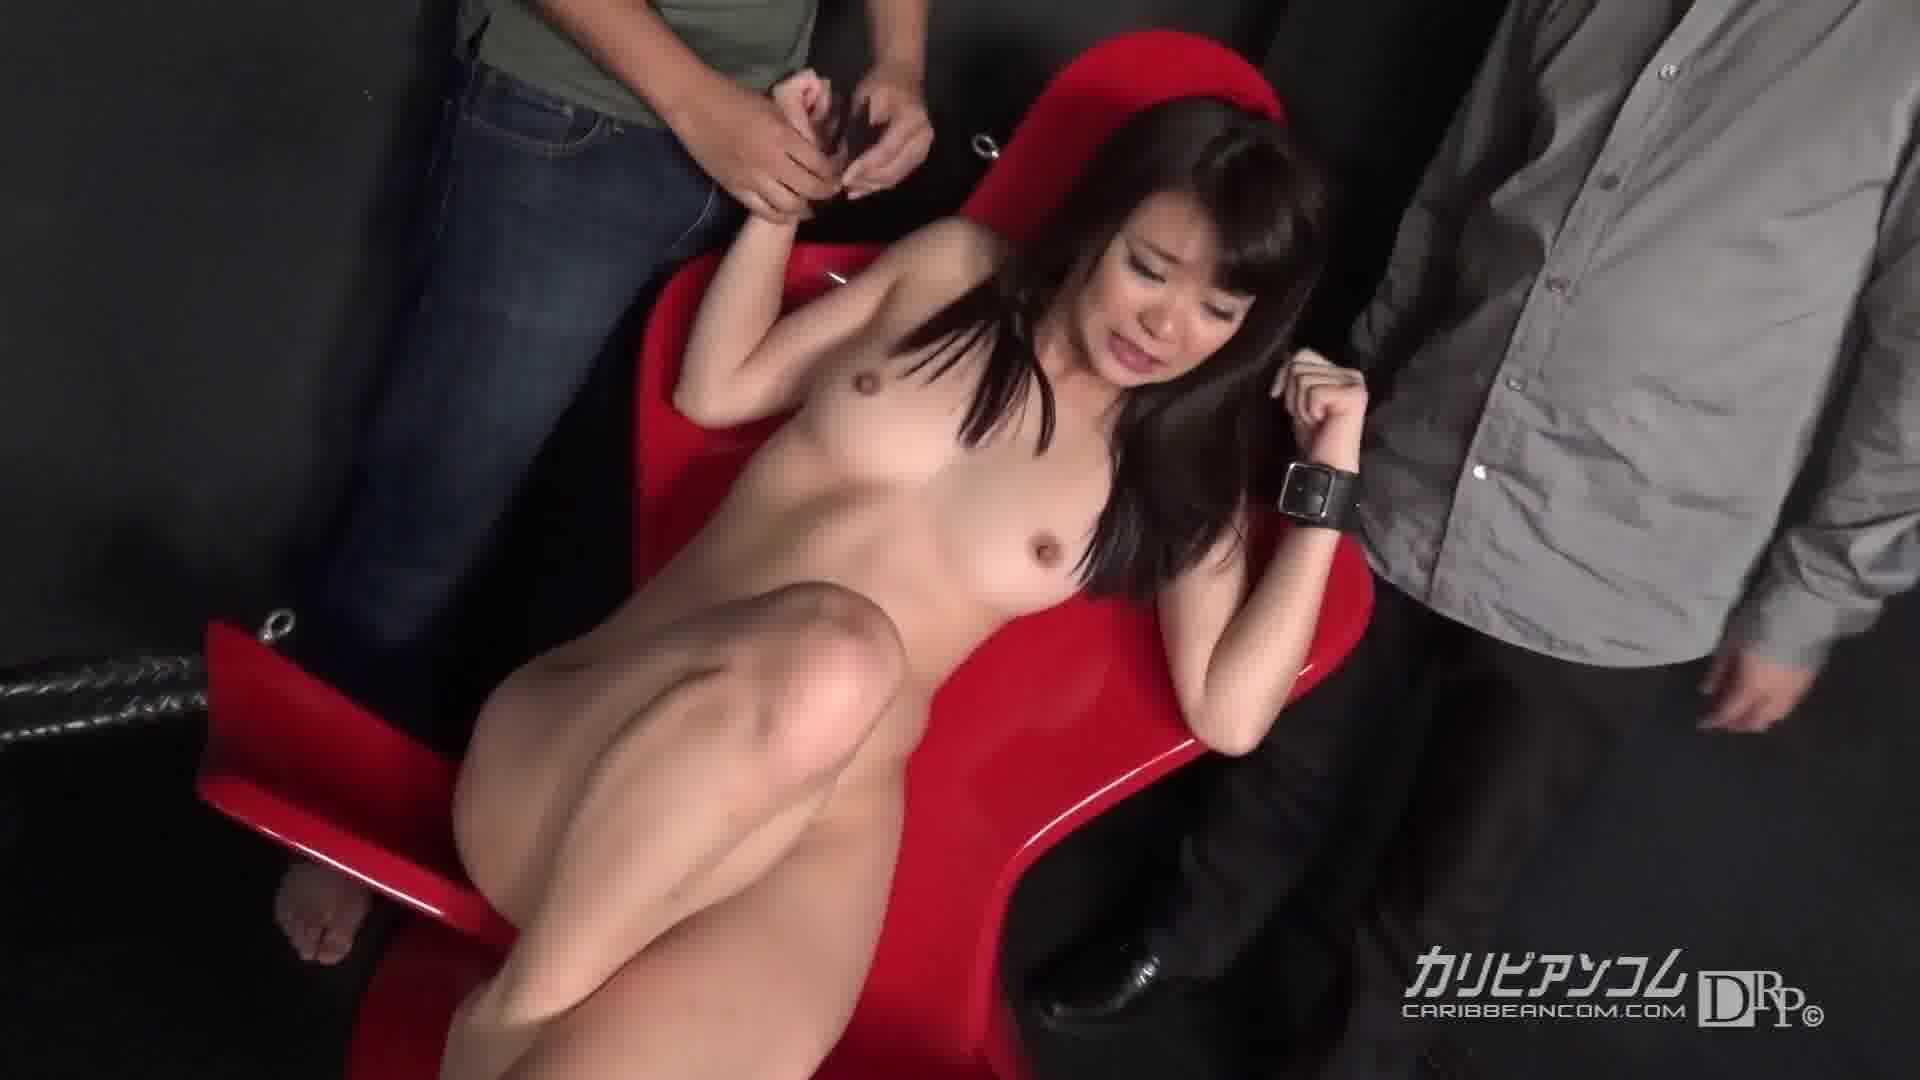 獄畜17 ~美女の恥肉塊~ - 夢実あくび【美乳・バイブ・ハード系】